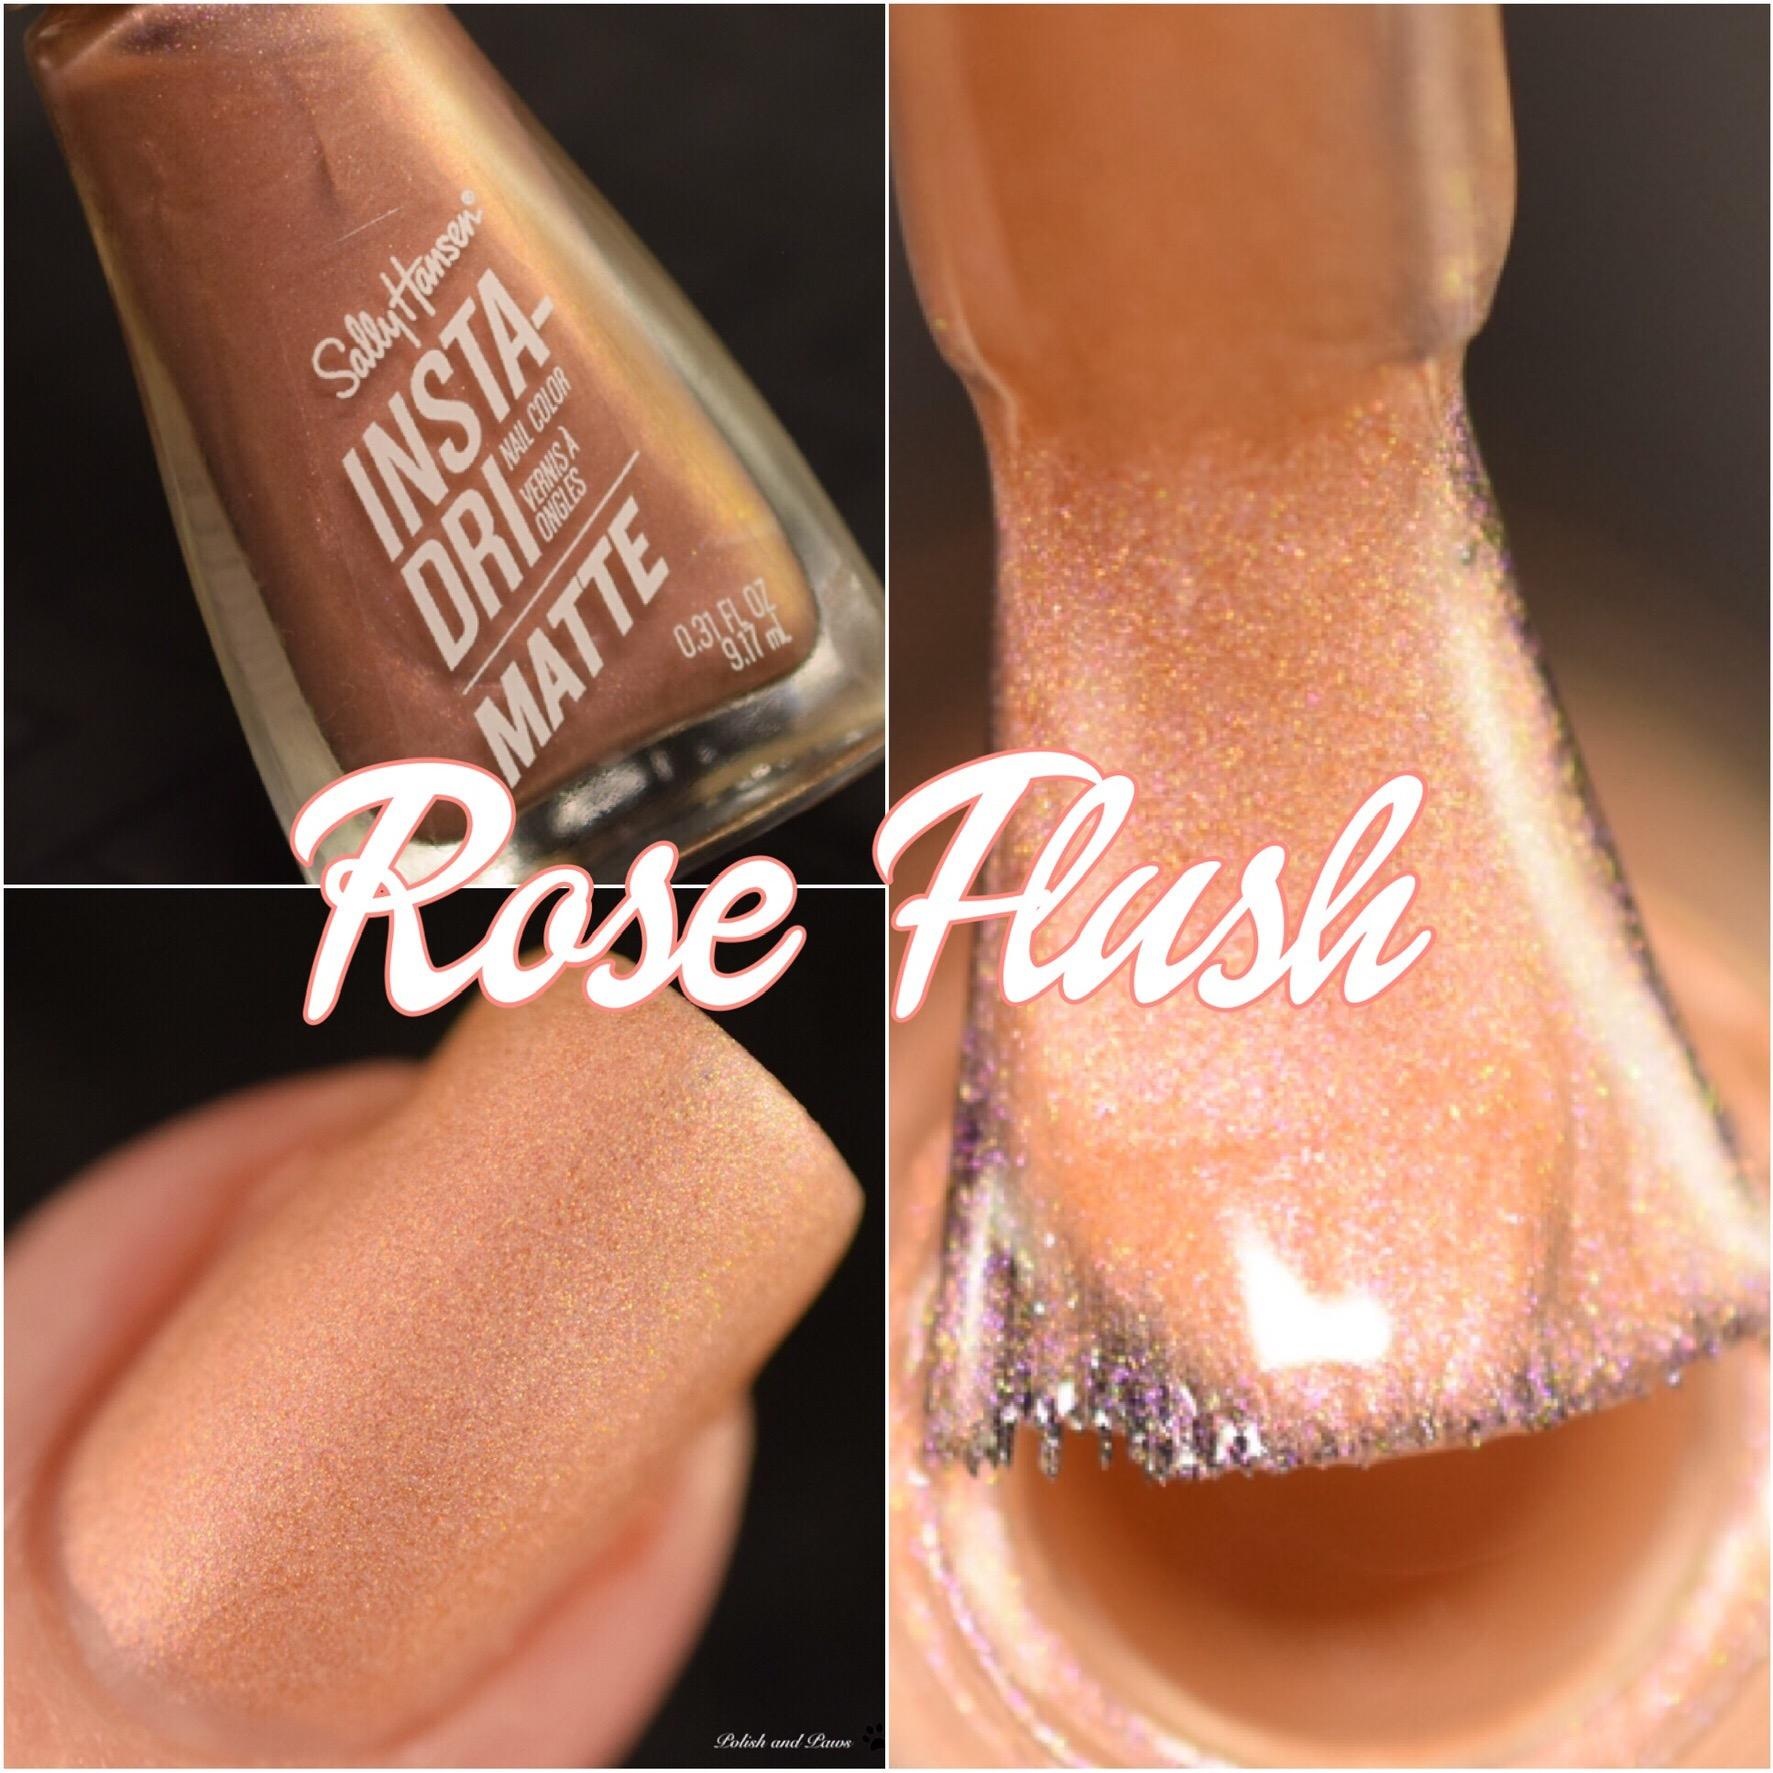 Sally Hansen Rose Flush